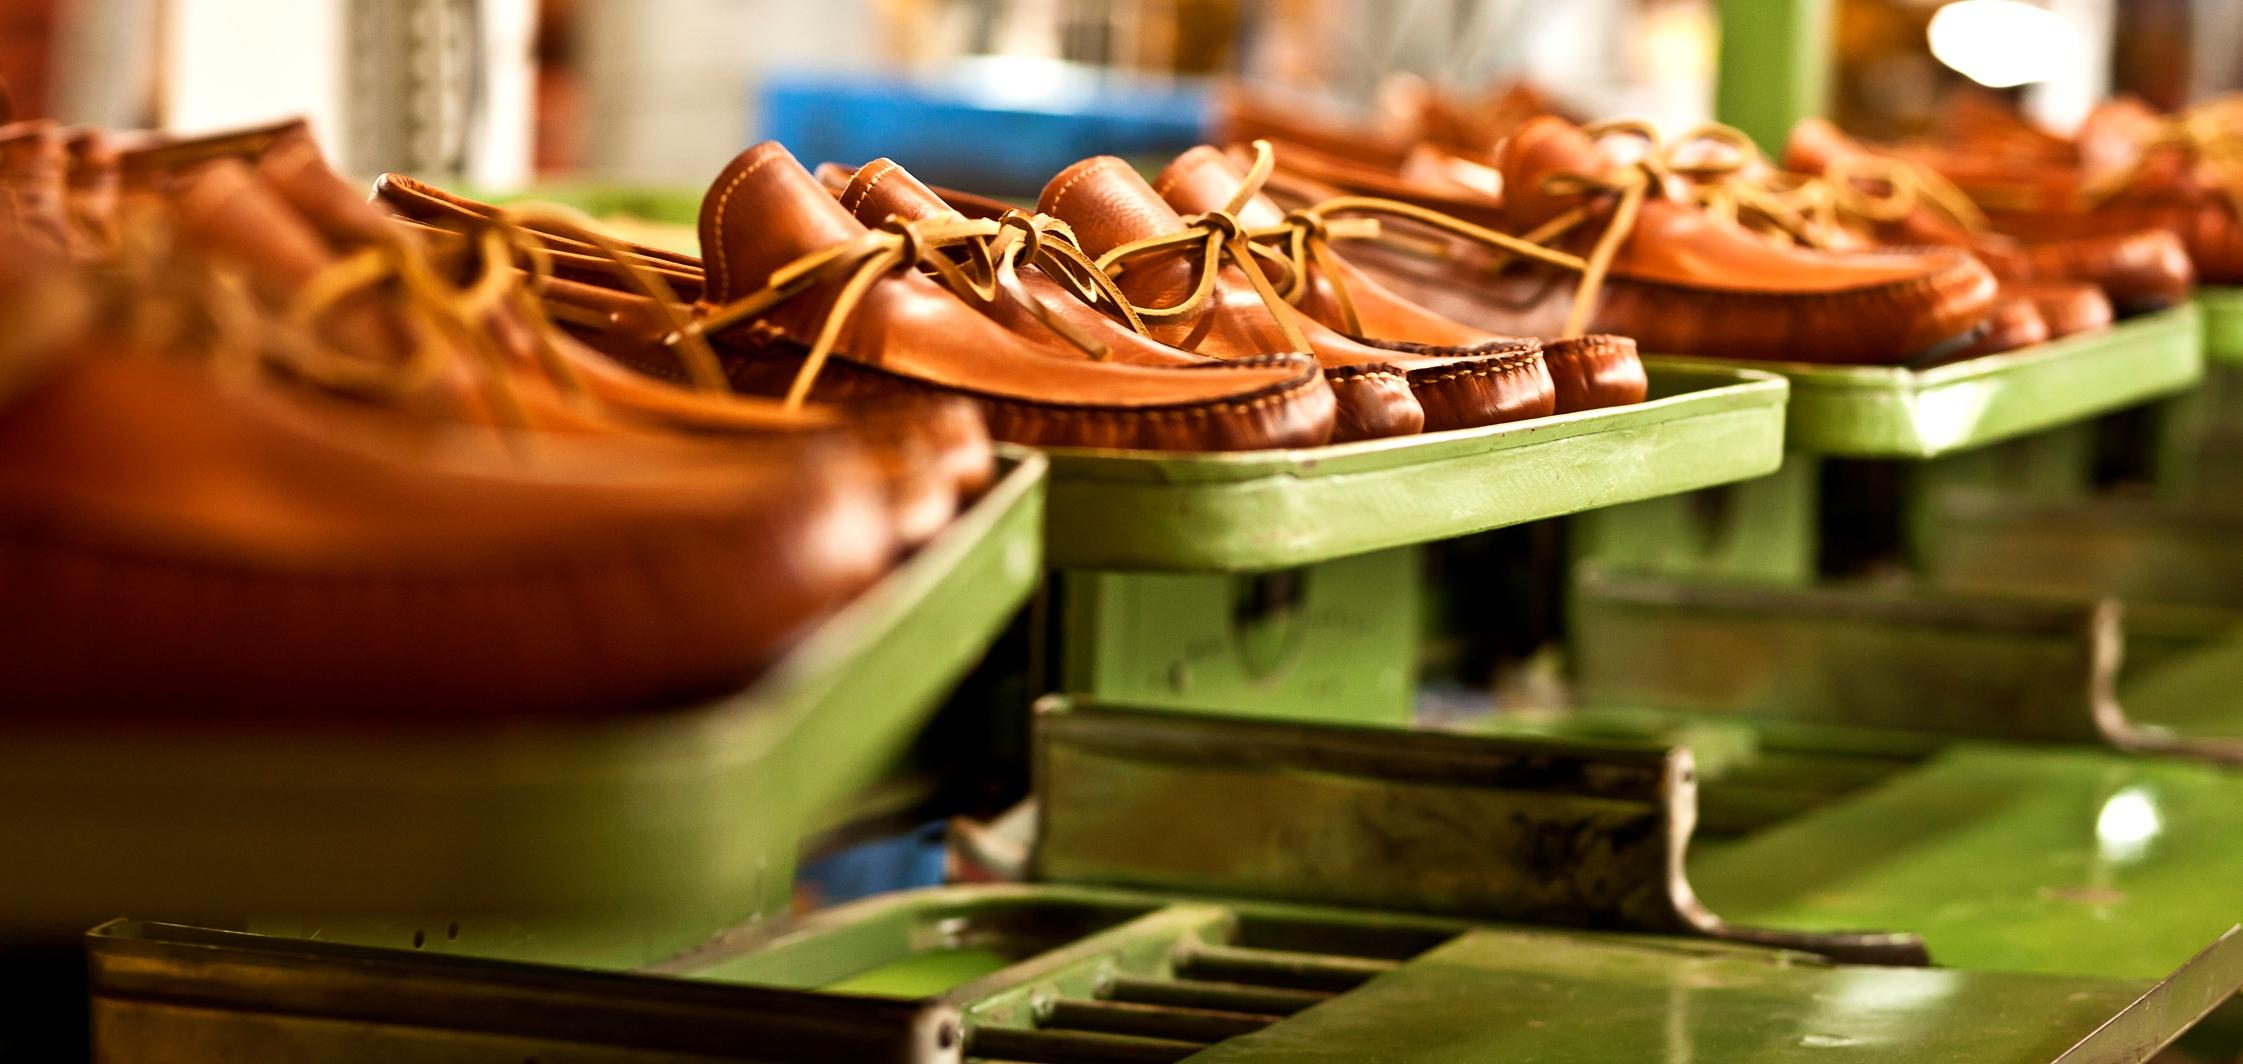 http://www.marcasrenombradas.com/wp-content/uploads/2011/07/Copia-de-VA-BENE-08.jpg